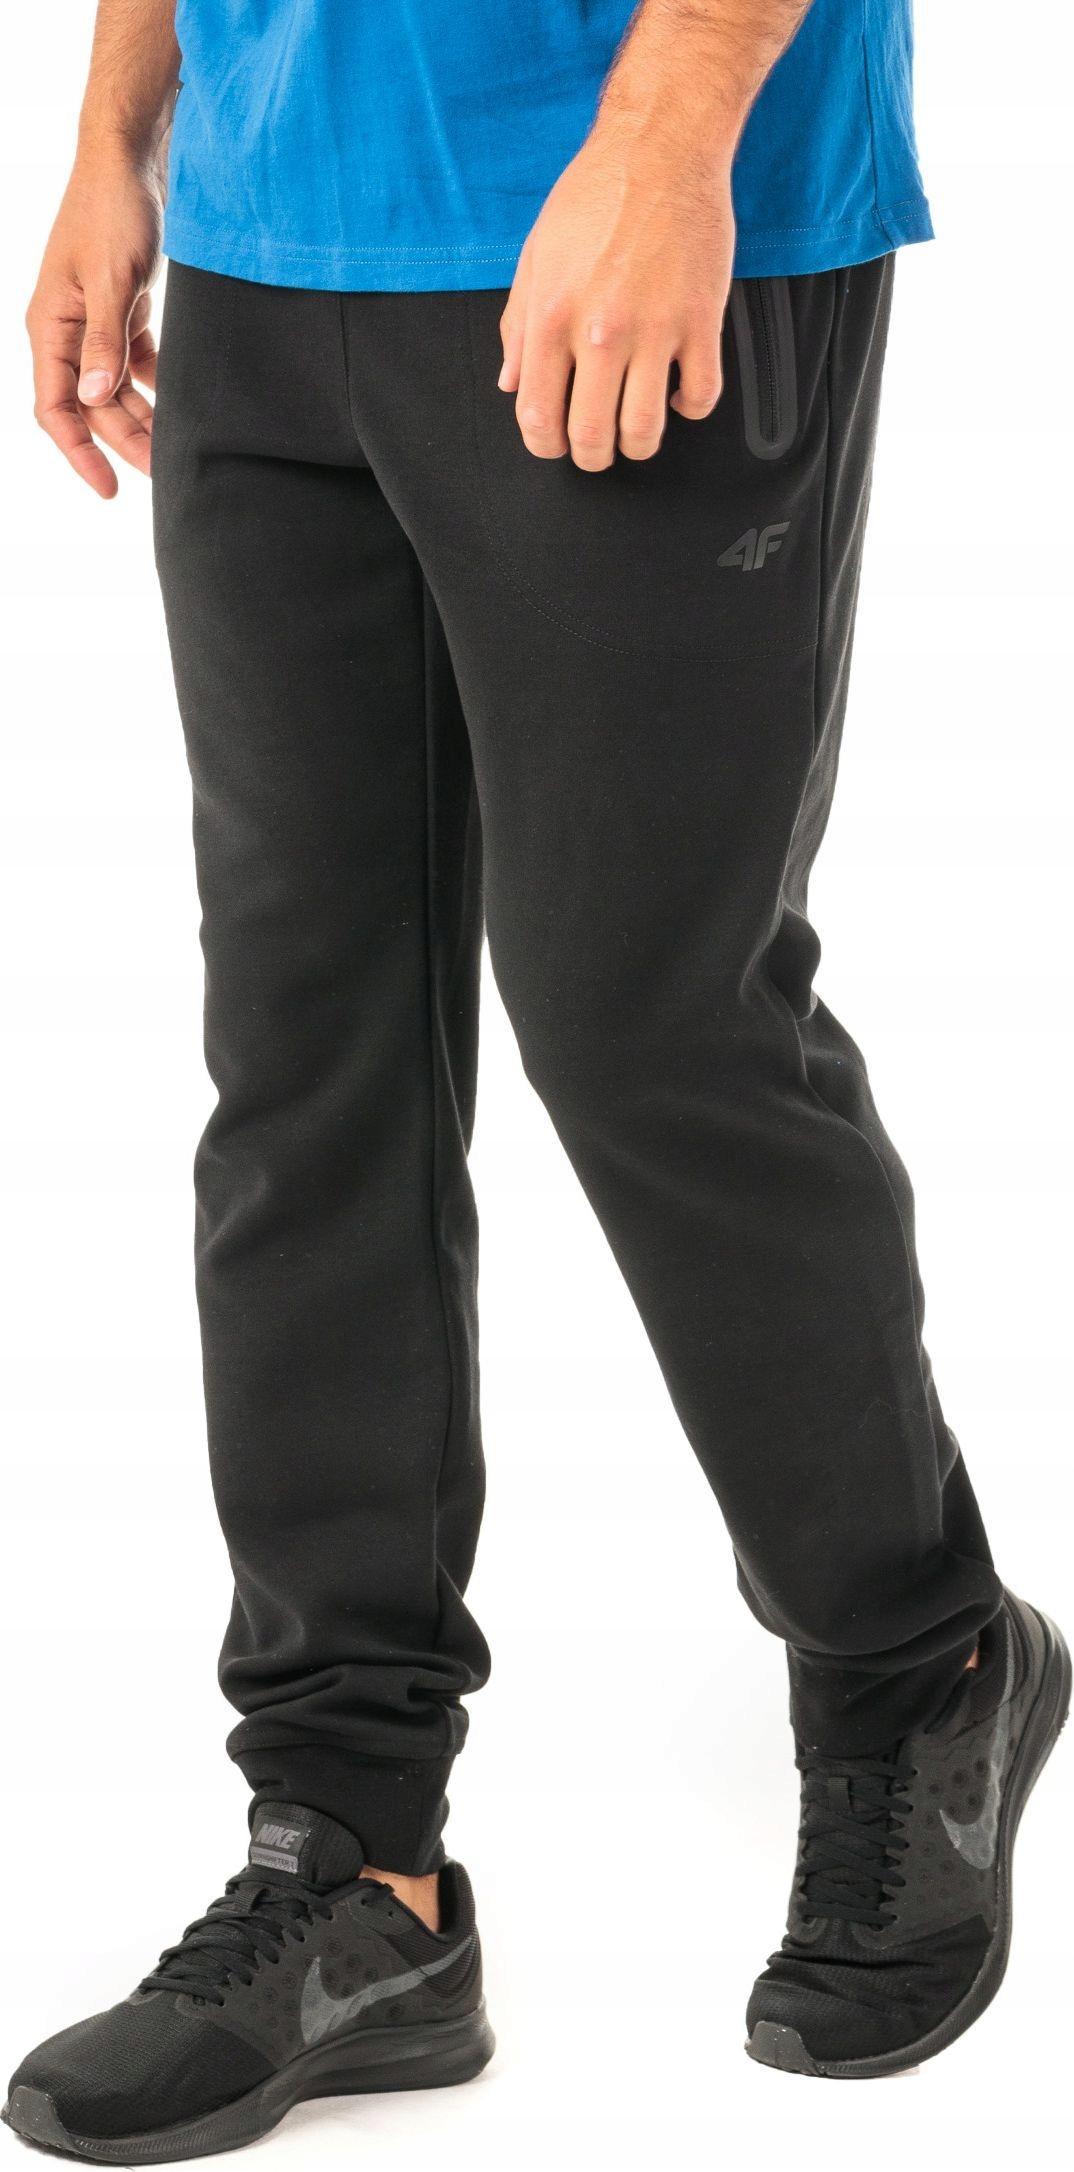 4F Spodnie męskie dresowe H4Z18 SPMD006 r. L